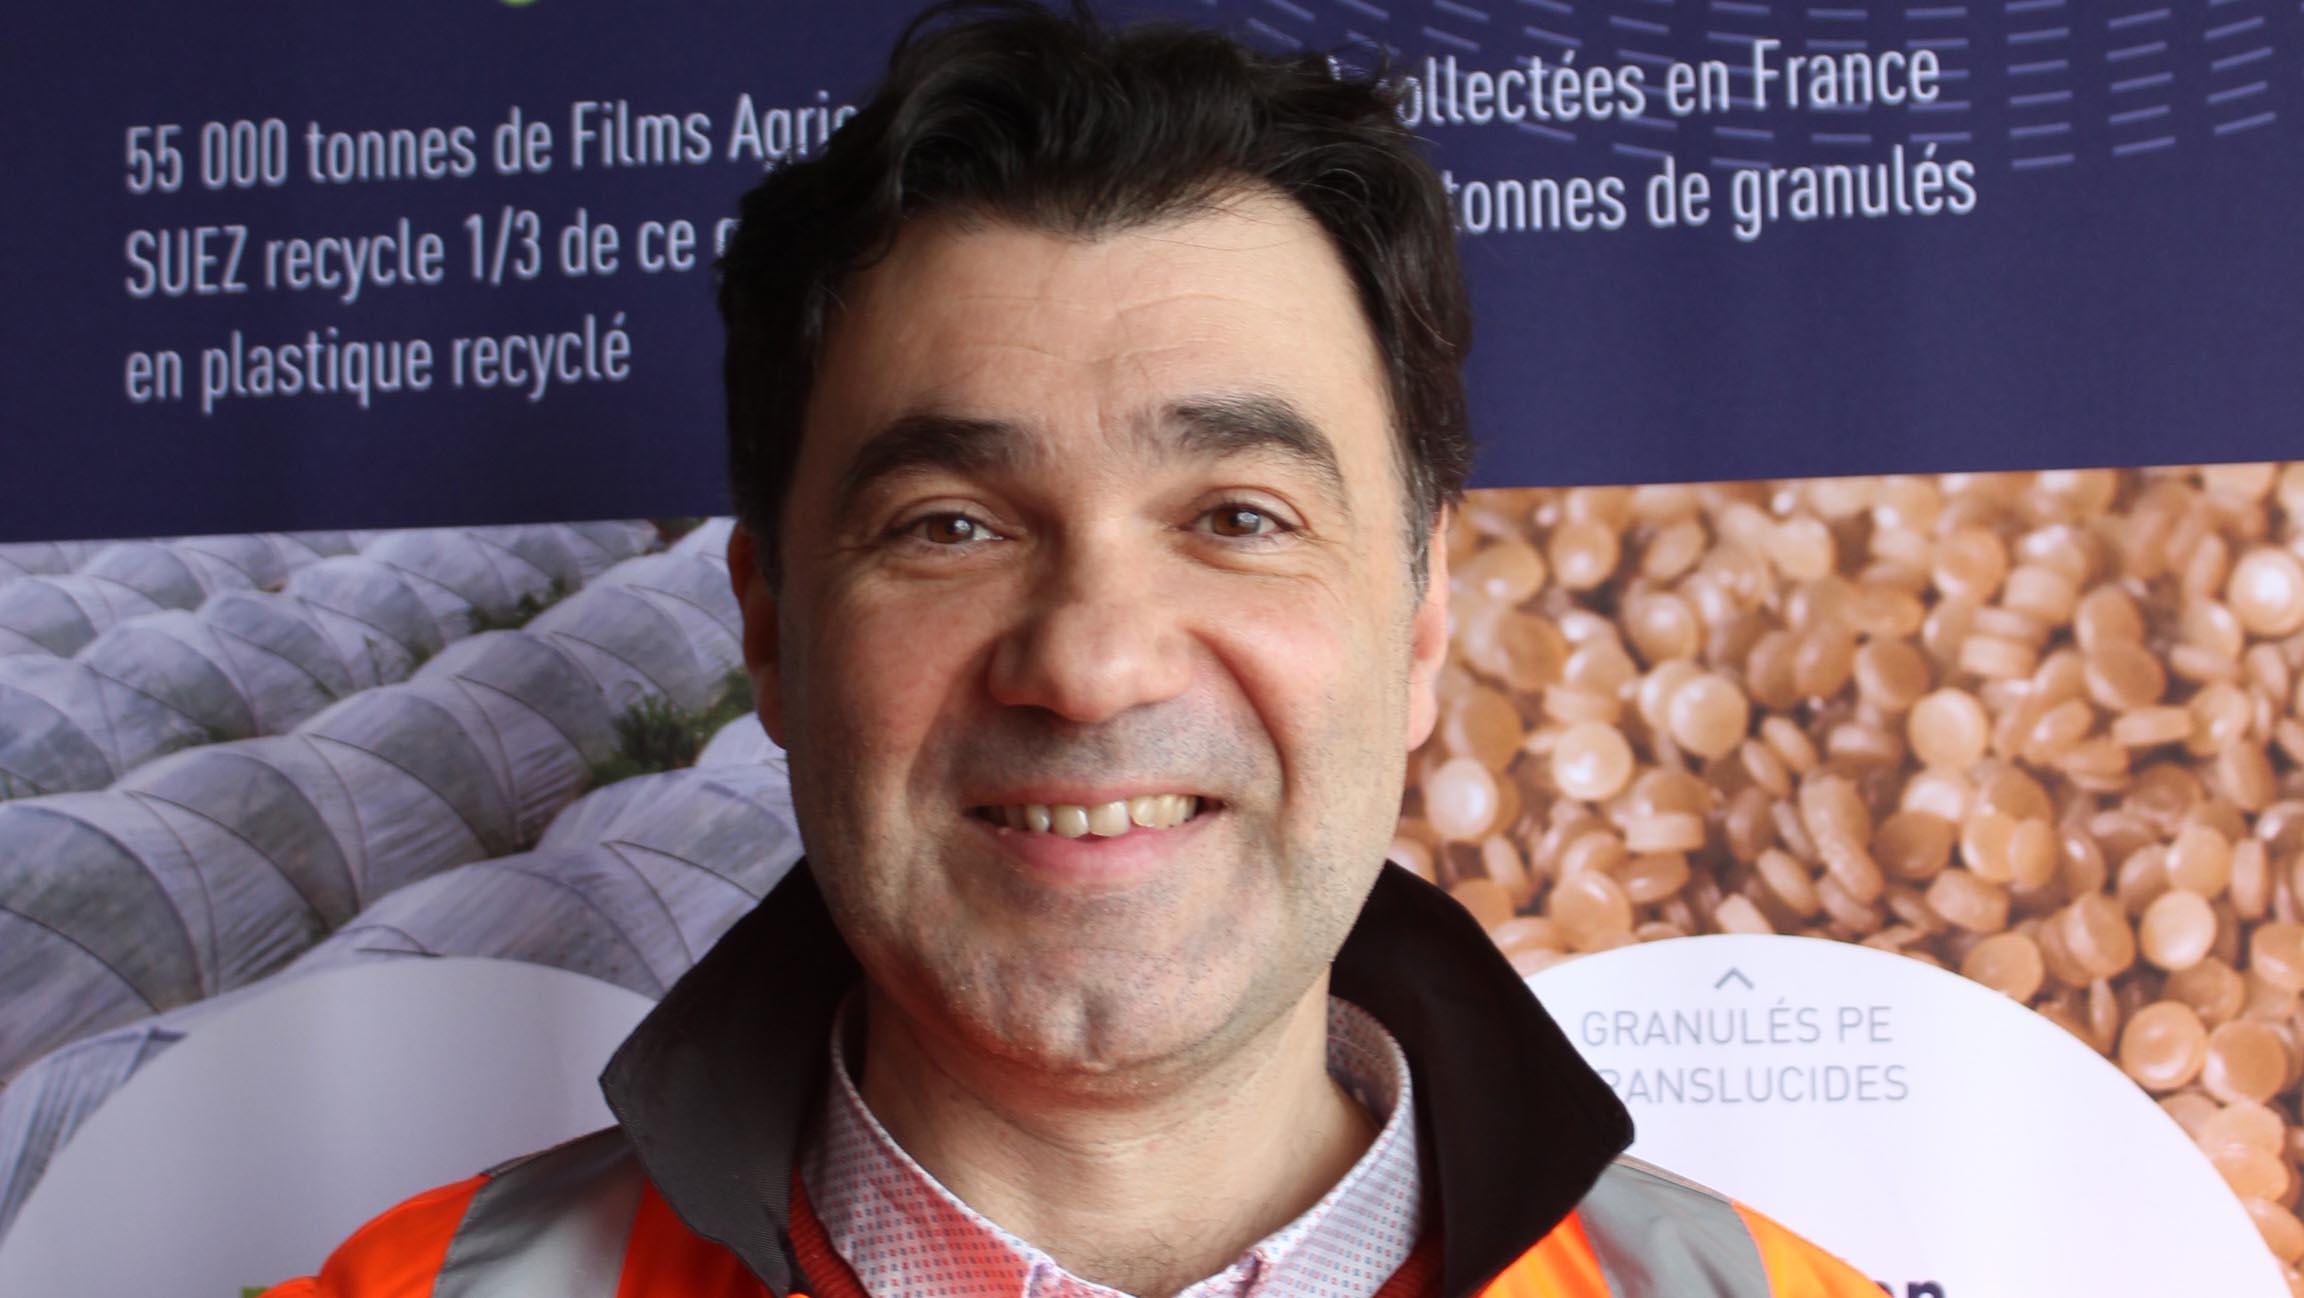 Yann Menigaud